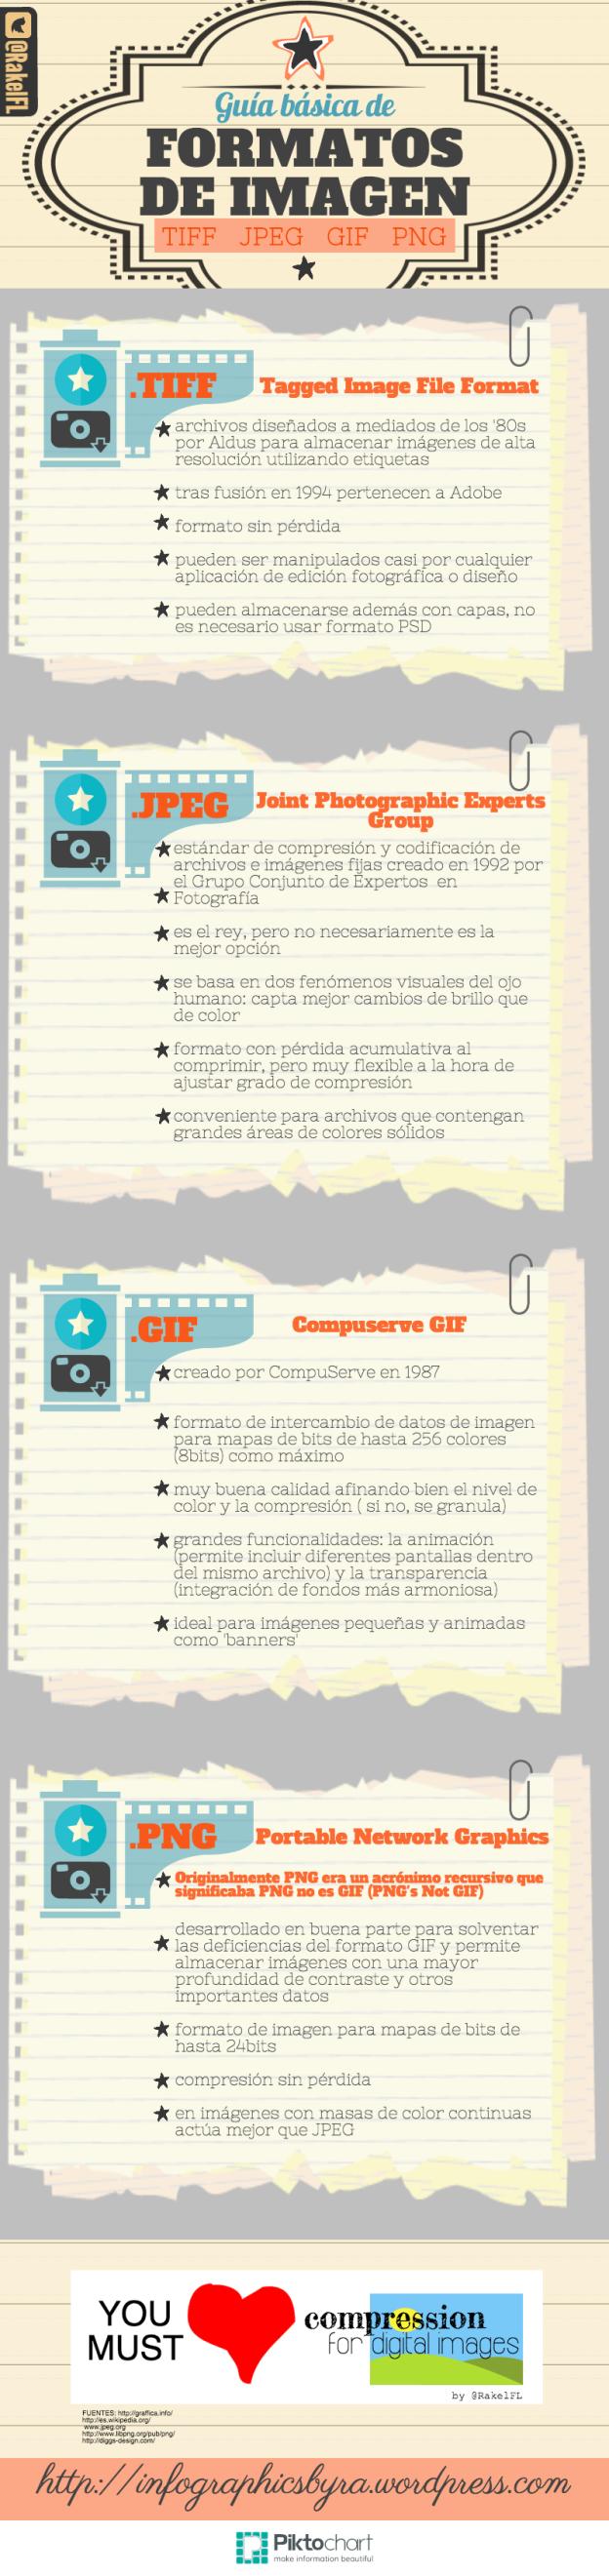 Guía básica de los formatos de imagen